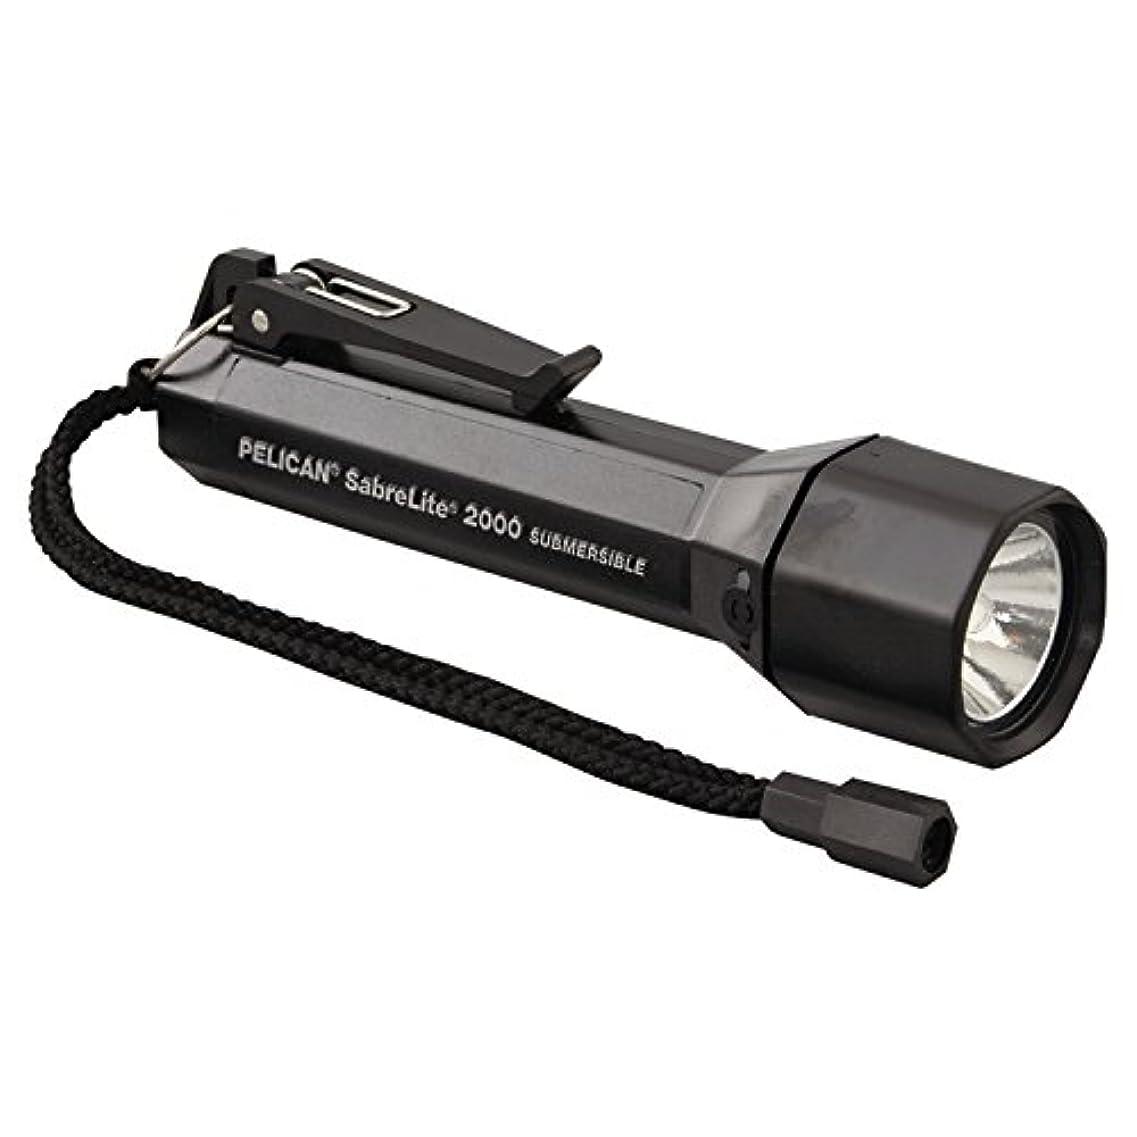 四分円損なう日曜日Pelican 2000C-BLACK Super SabreLite Flashlights, 3 C, 33 lm, Black by Pelican